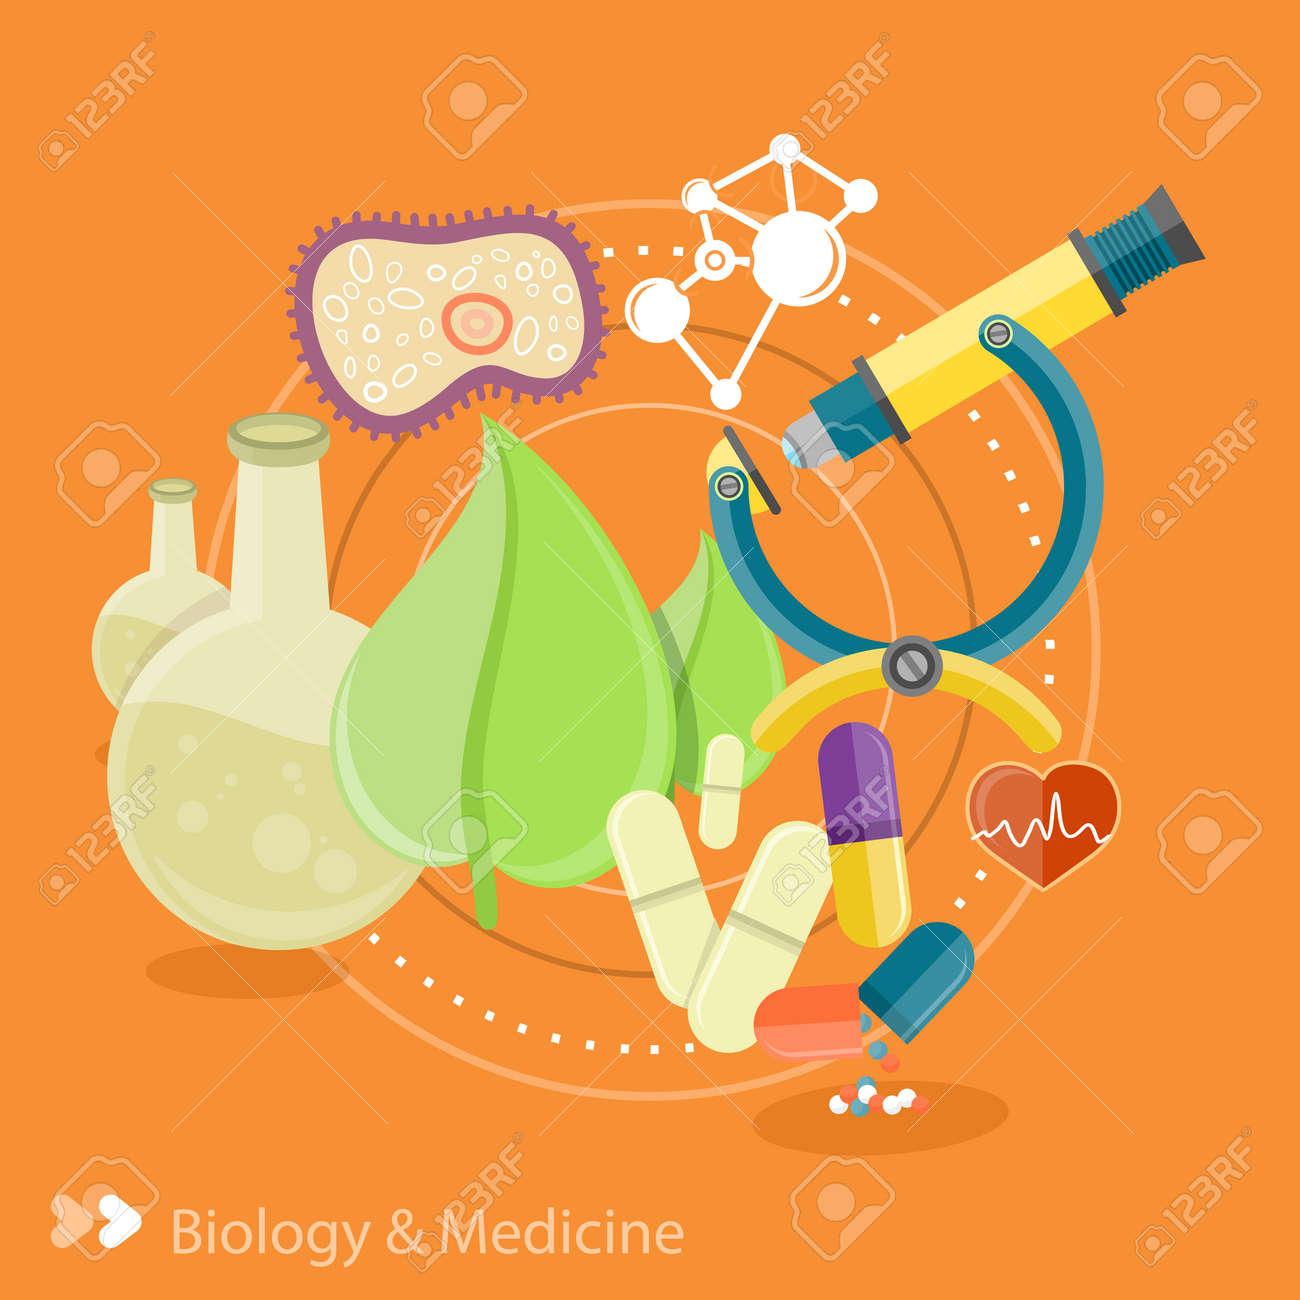 Biología Y La Medicina. Ciencia Y Tecnología Conceptos. Espacio De ...